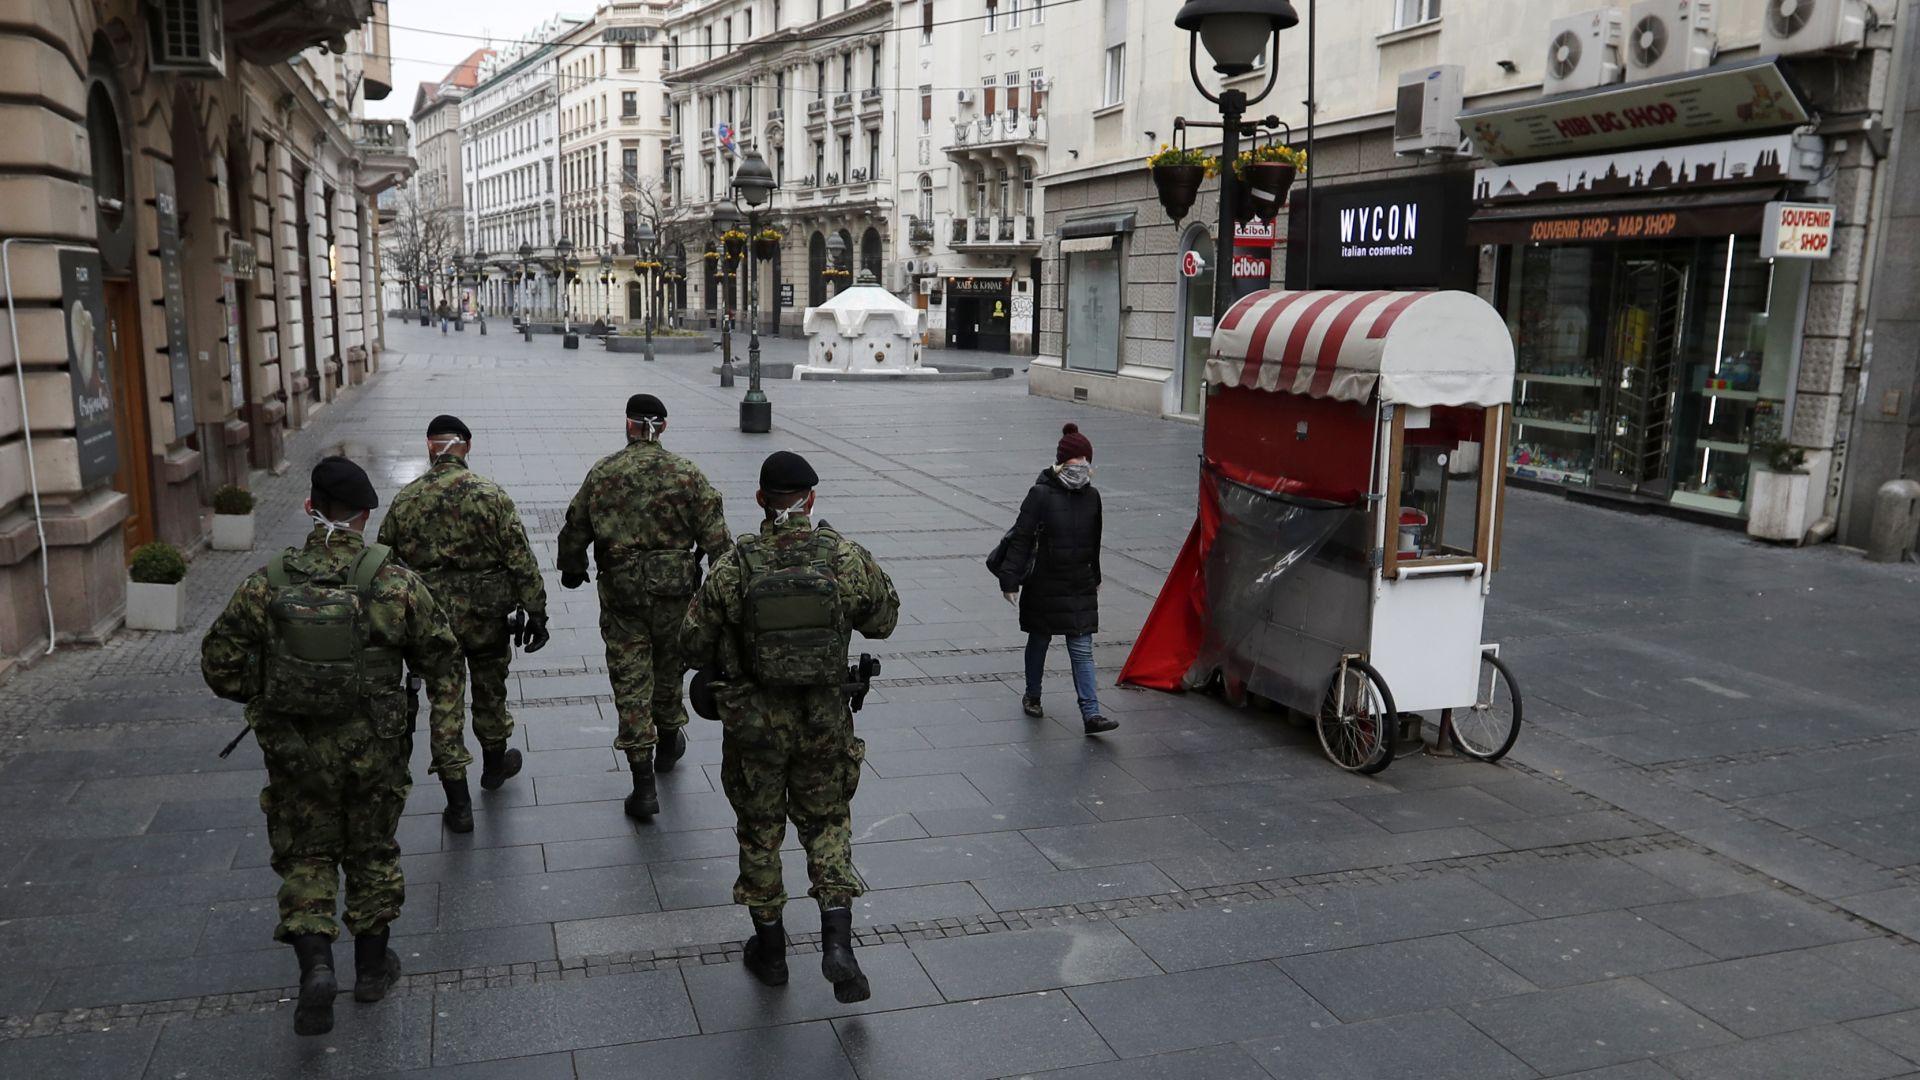 СМС с фалшива новина разтревожи гражданите на Сърбия